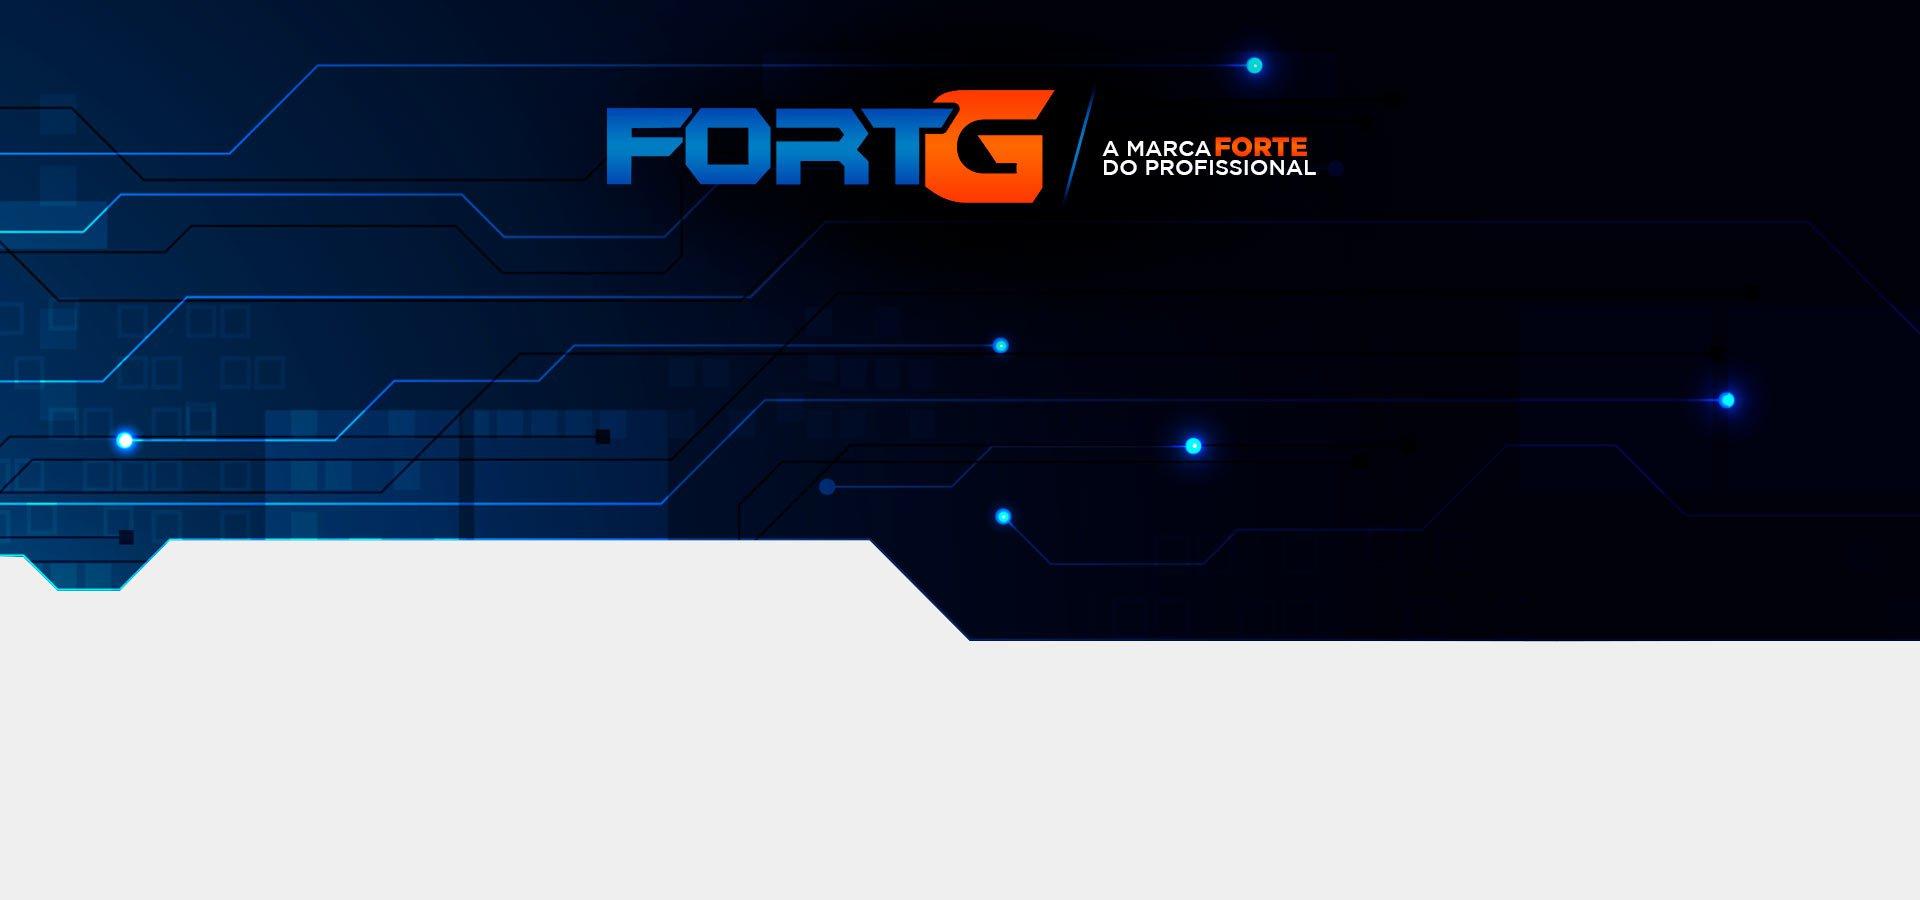 FORTG